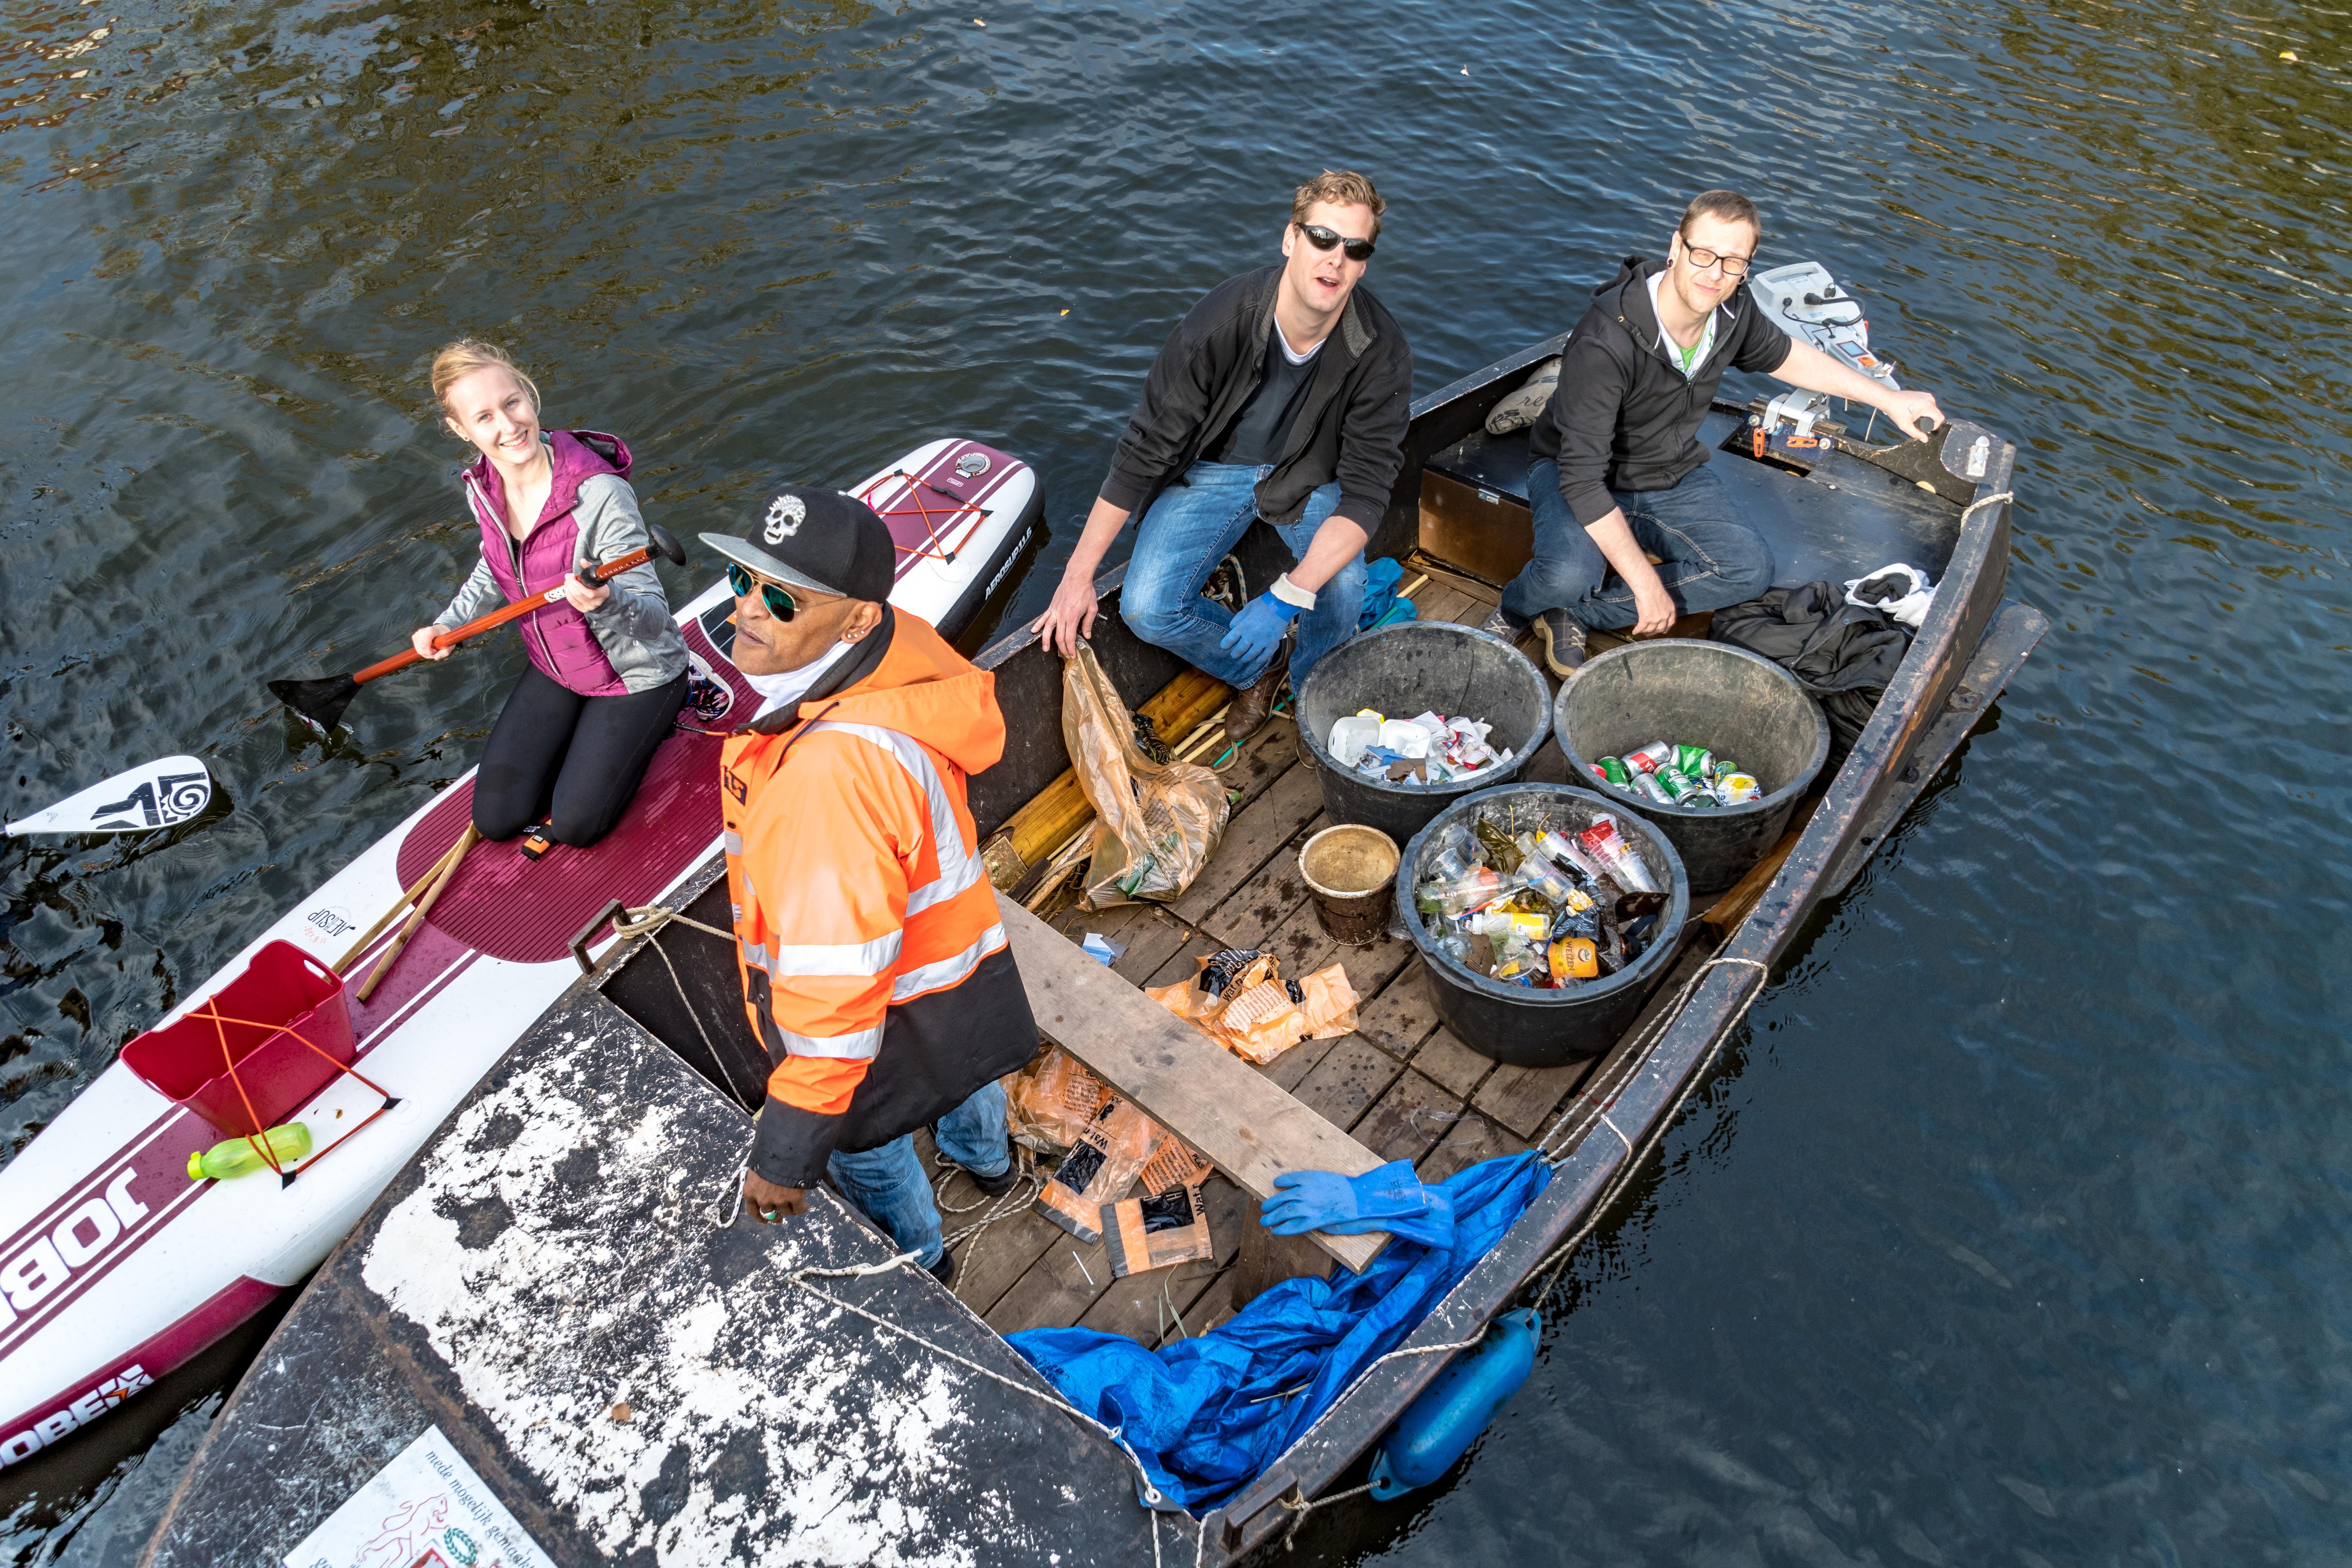 De vrijwilligers werden bijgestaan door een bootje met schippers van Actief Talent. (Foto: aangeleverd)